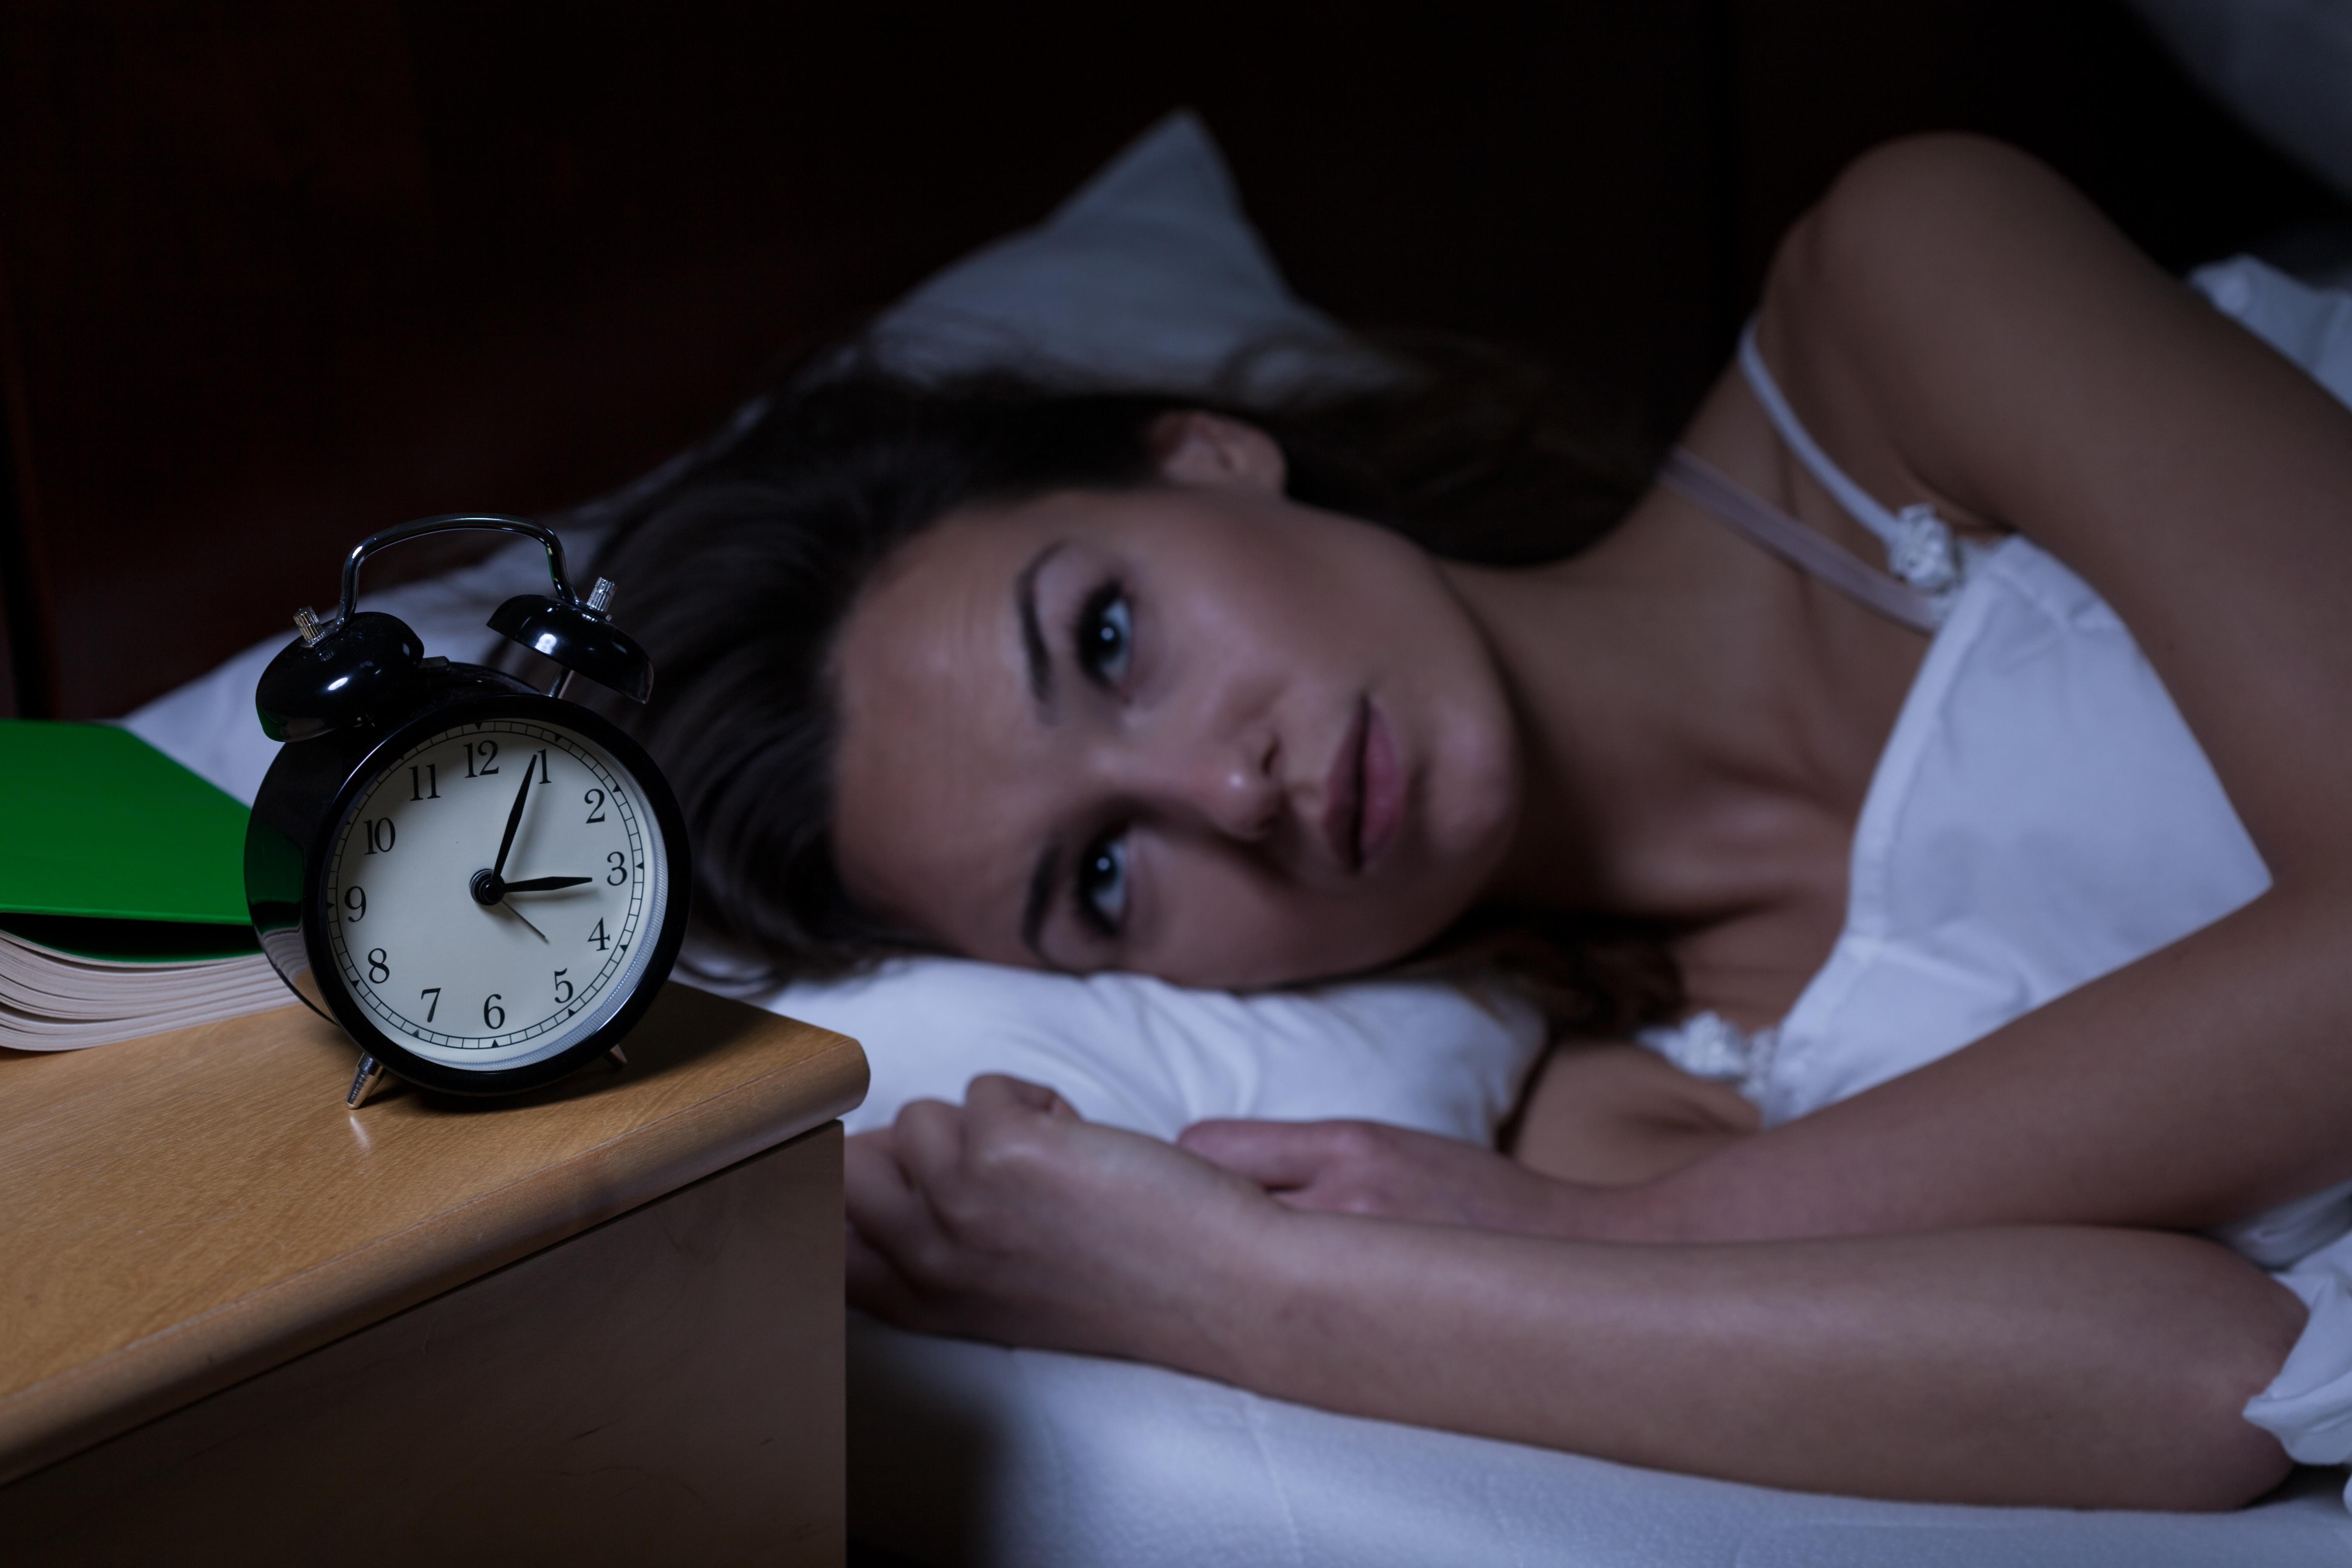 Woman in bed awake at night